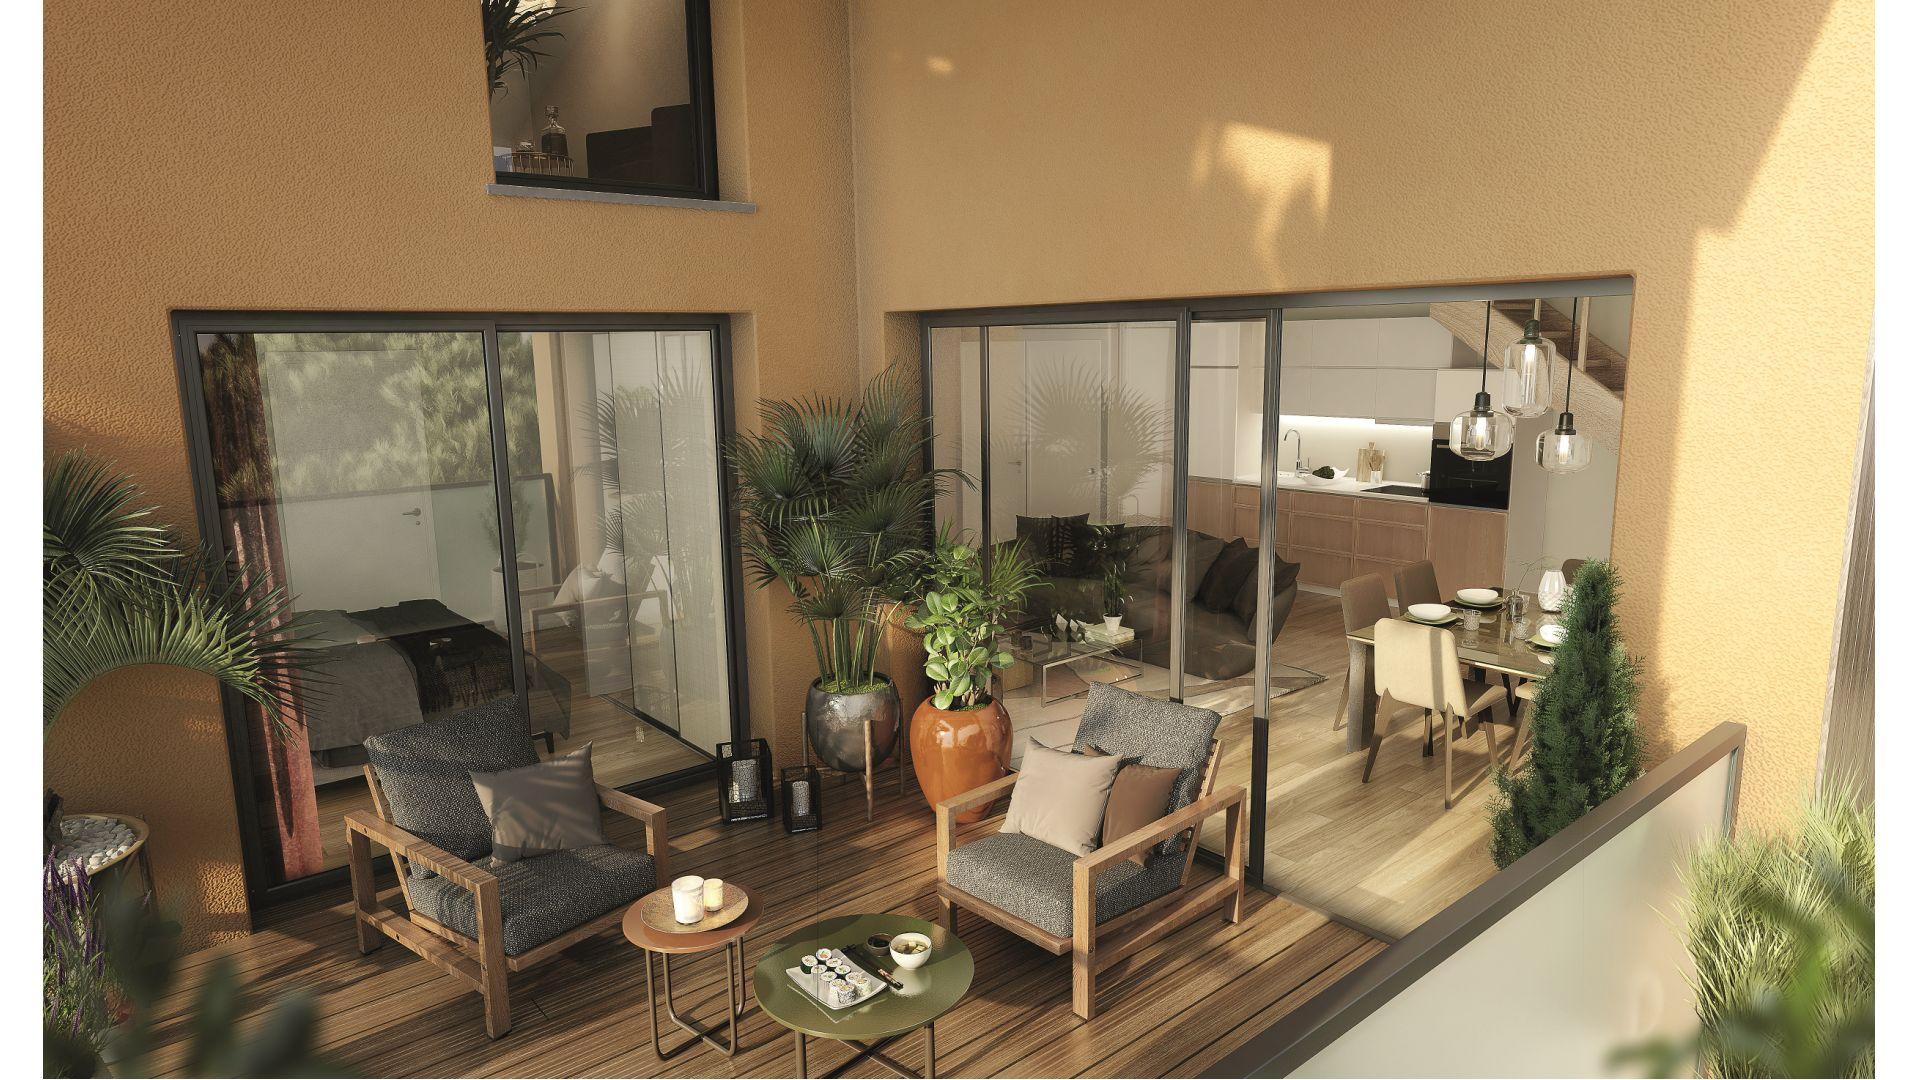 Greencity Immobilier - Résidence Villa Palacio - 31700 Blagnac - appartements neufs du T2 au T4 Duplex - vue terrasse